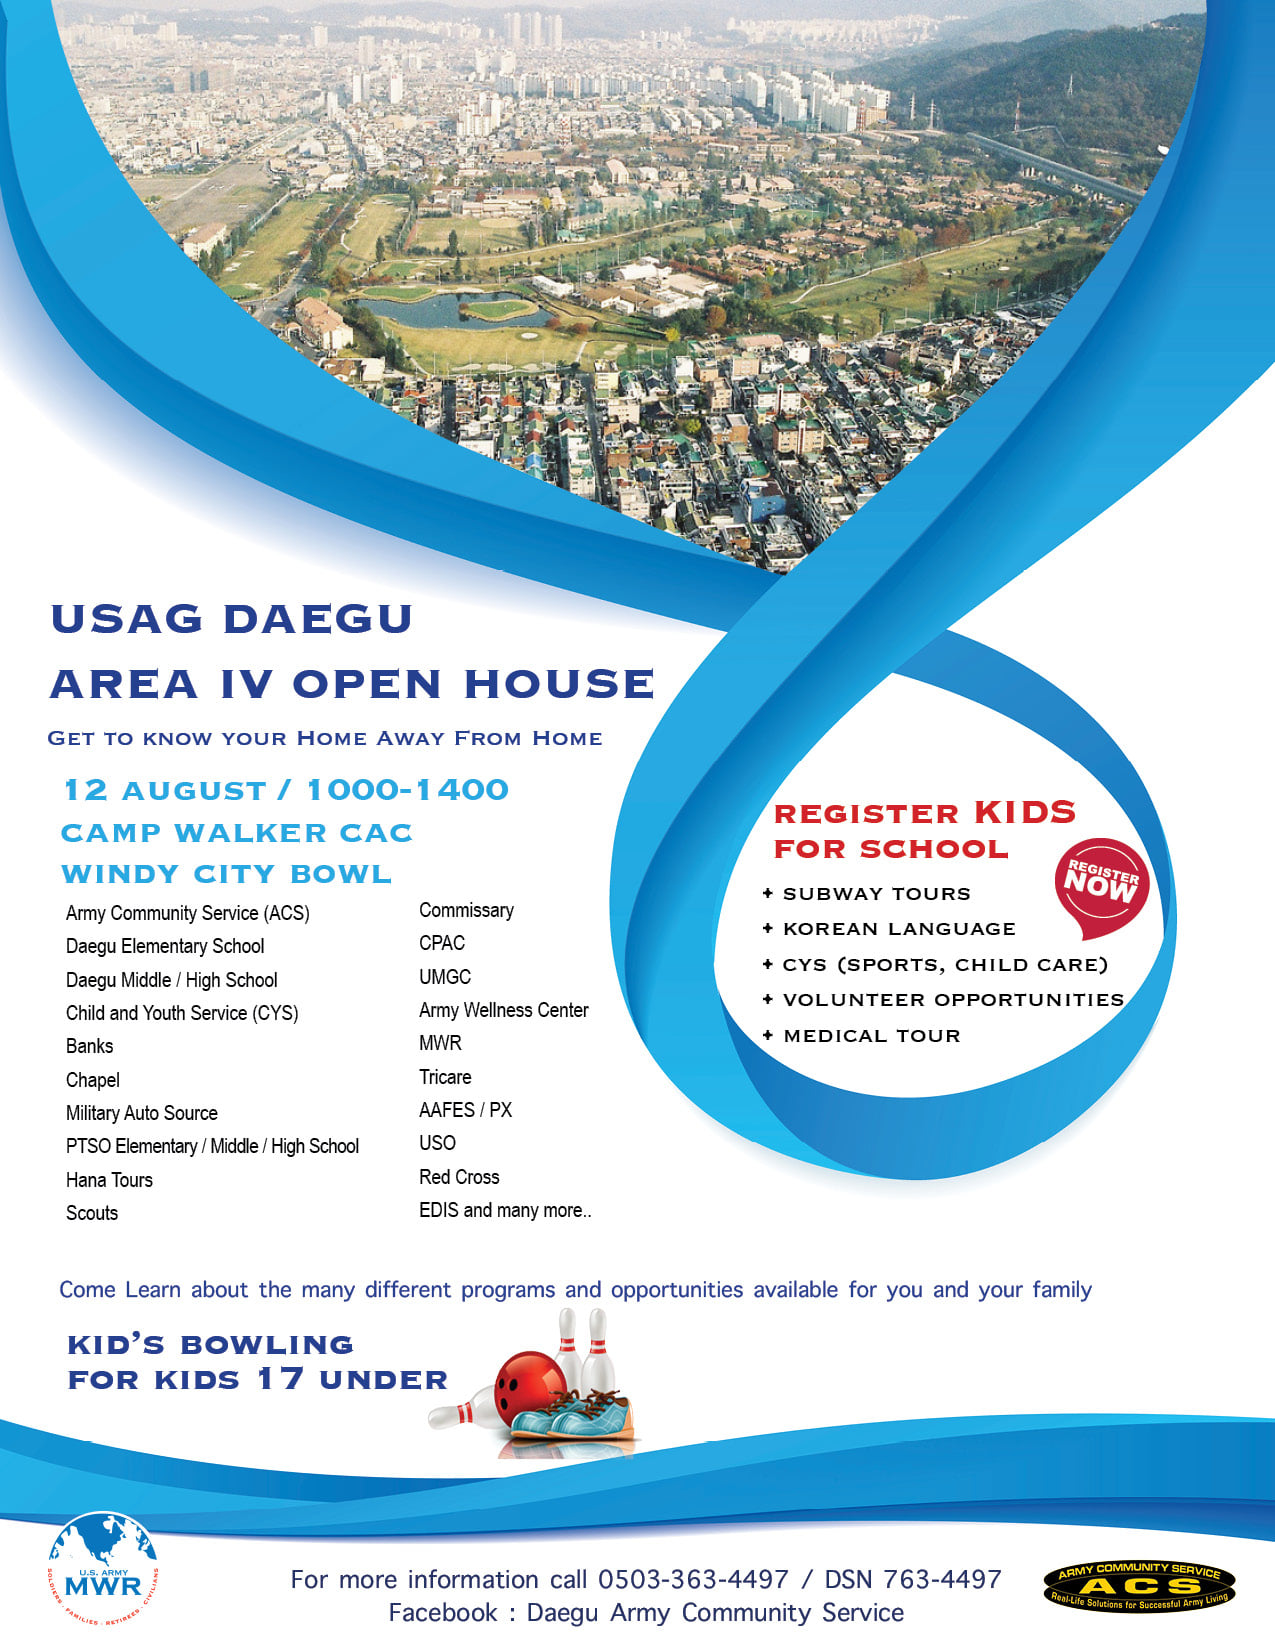 USAG DAEGU AREA IV OPEN HOUSE